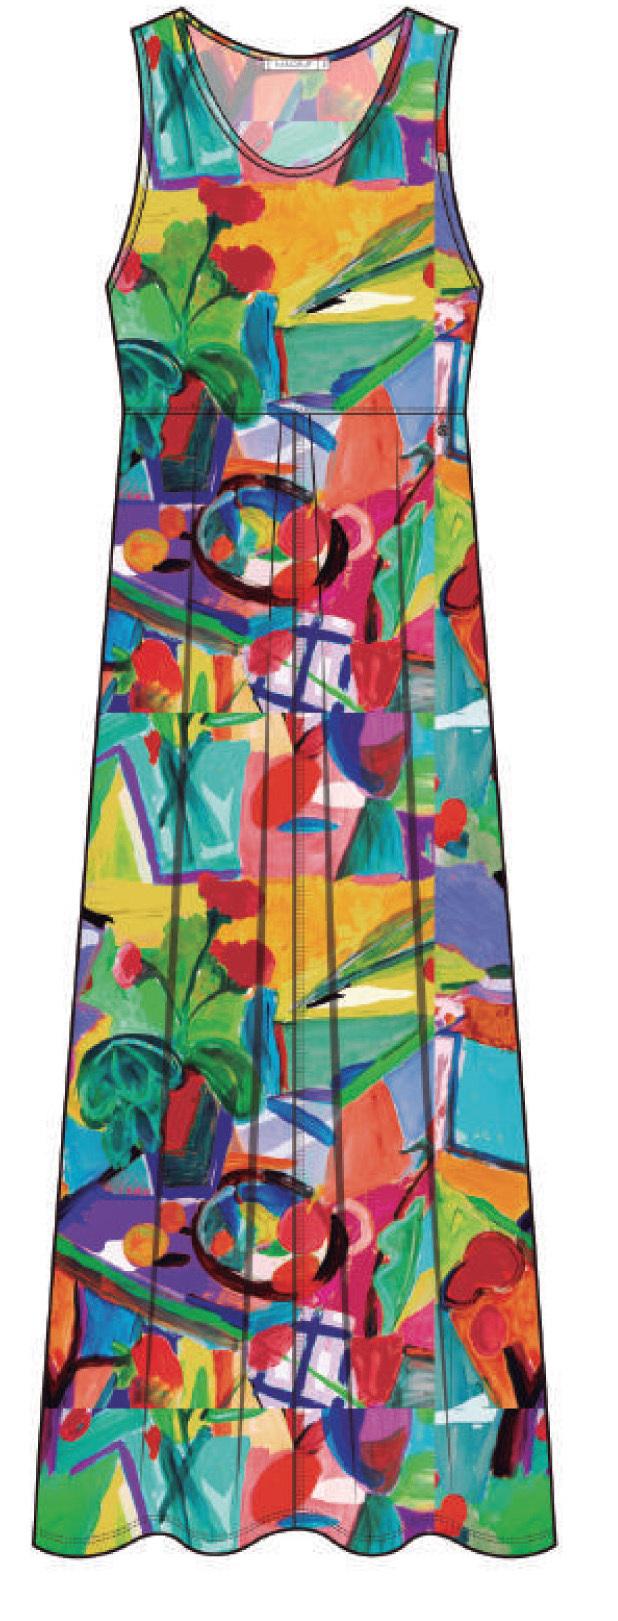 Maloka: Apples & Cherries High Waisted Abstract Art Sundress (More Art Patterns!)